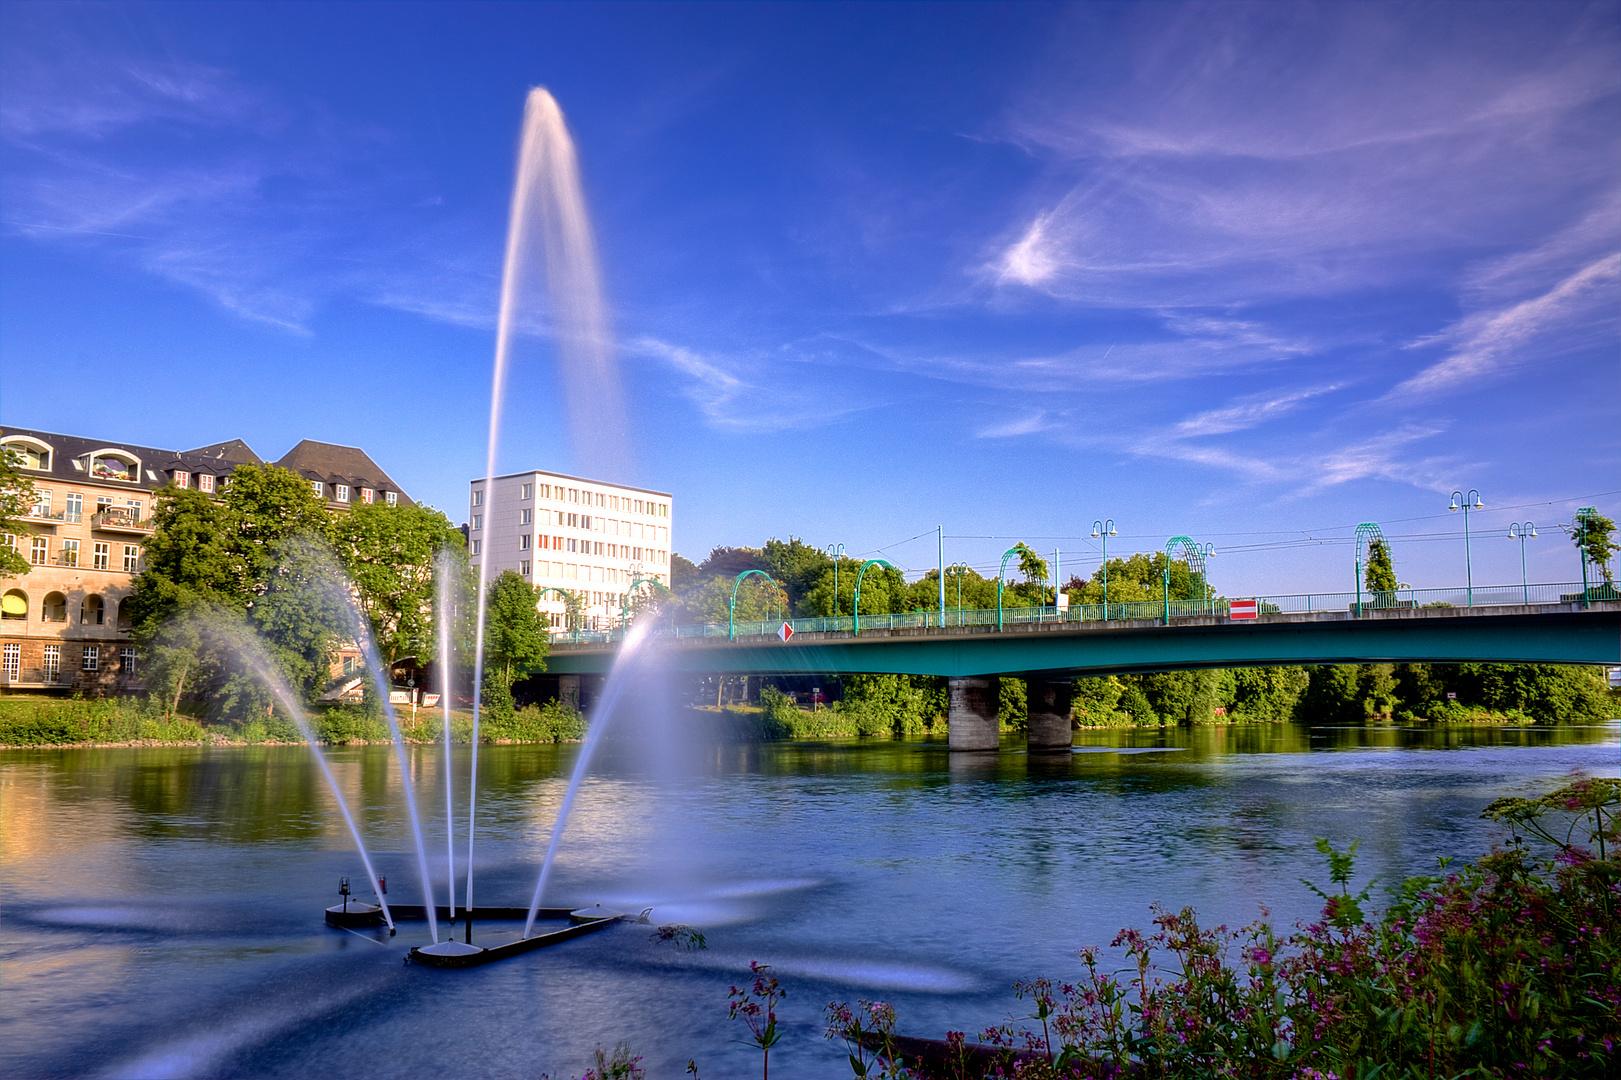 Schloßbrücke in Mülheim an der Ruhr